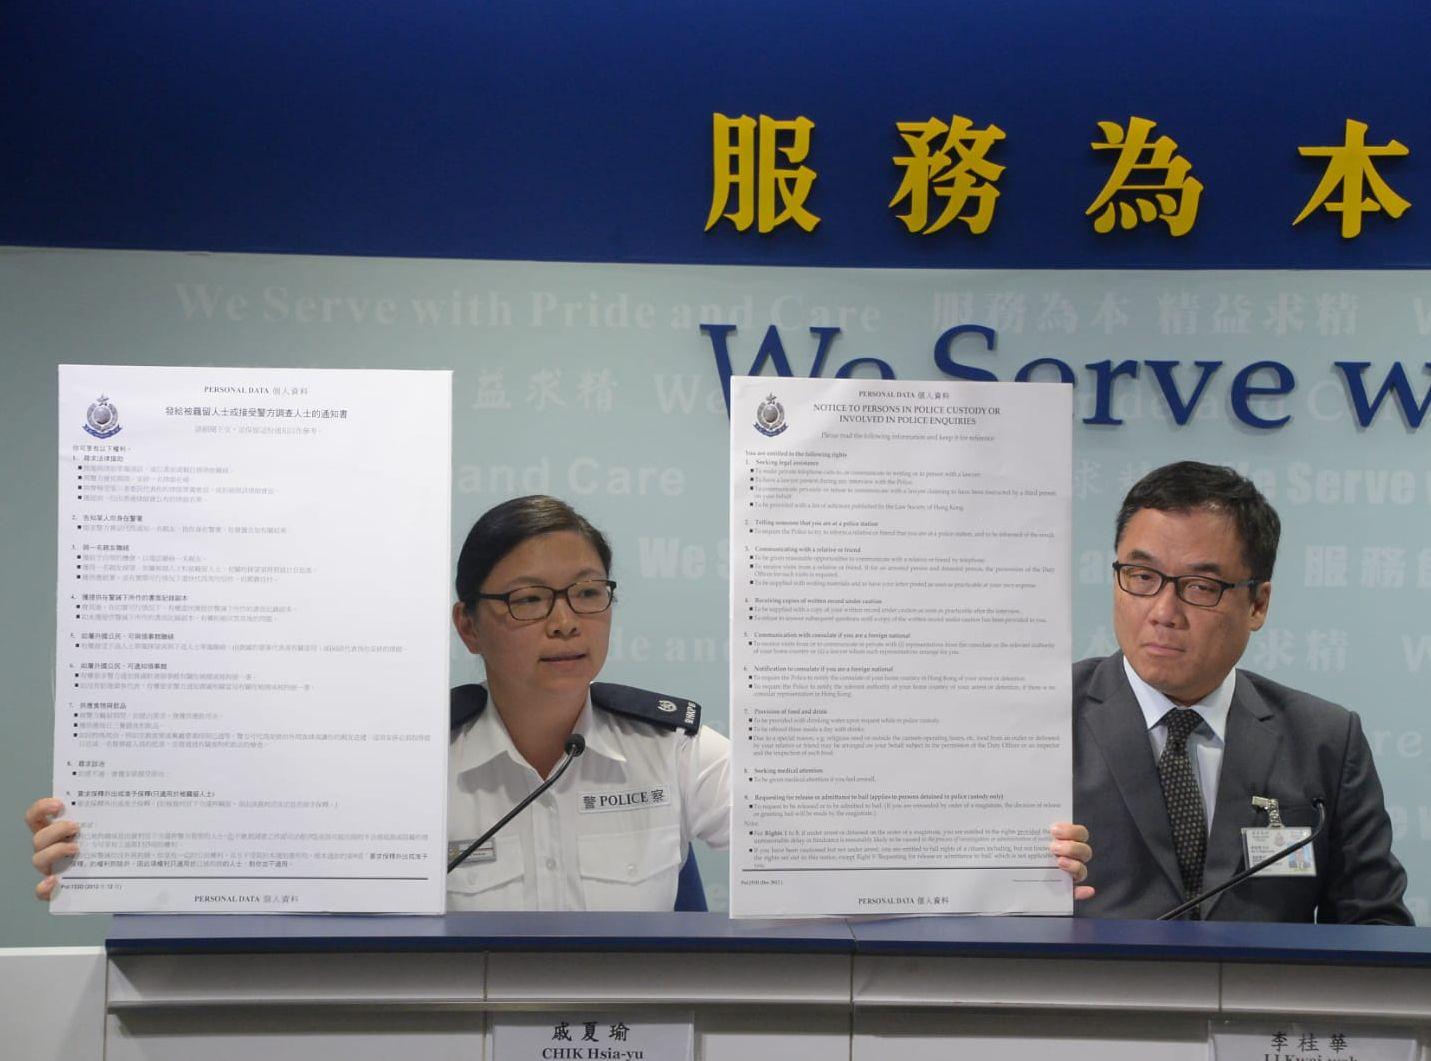 戚夏瑜(左)指,若女事主感受屈可作出投訴。